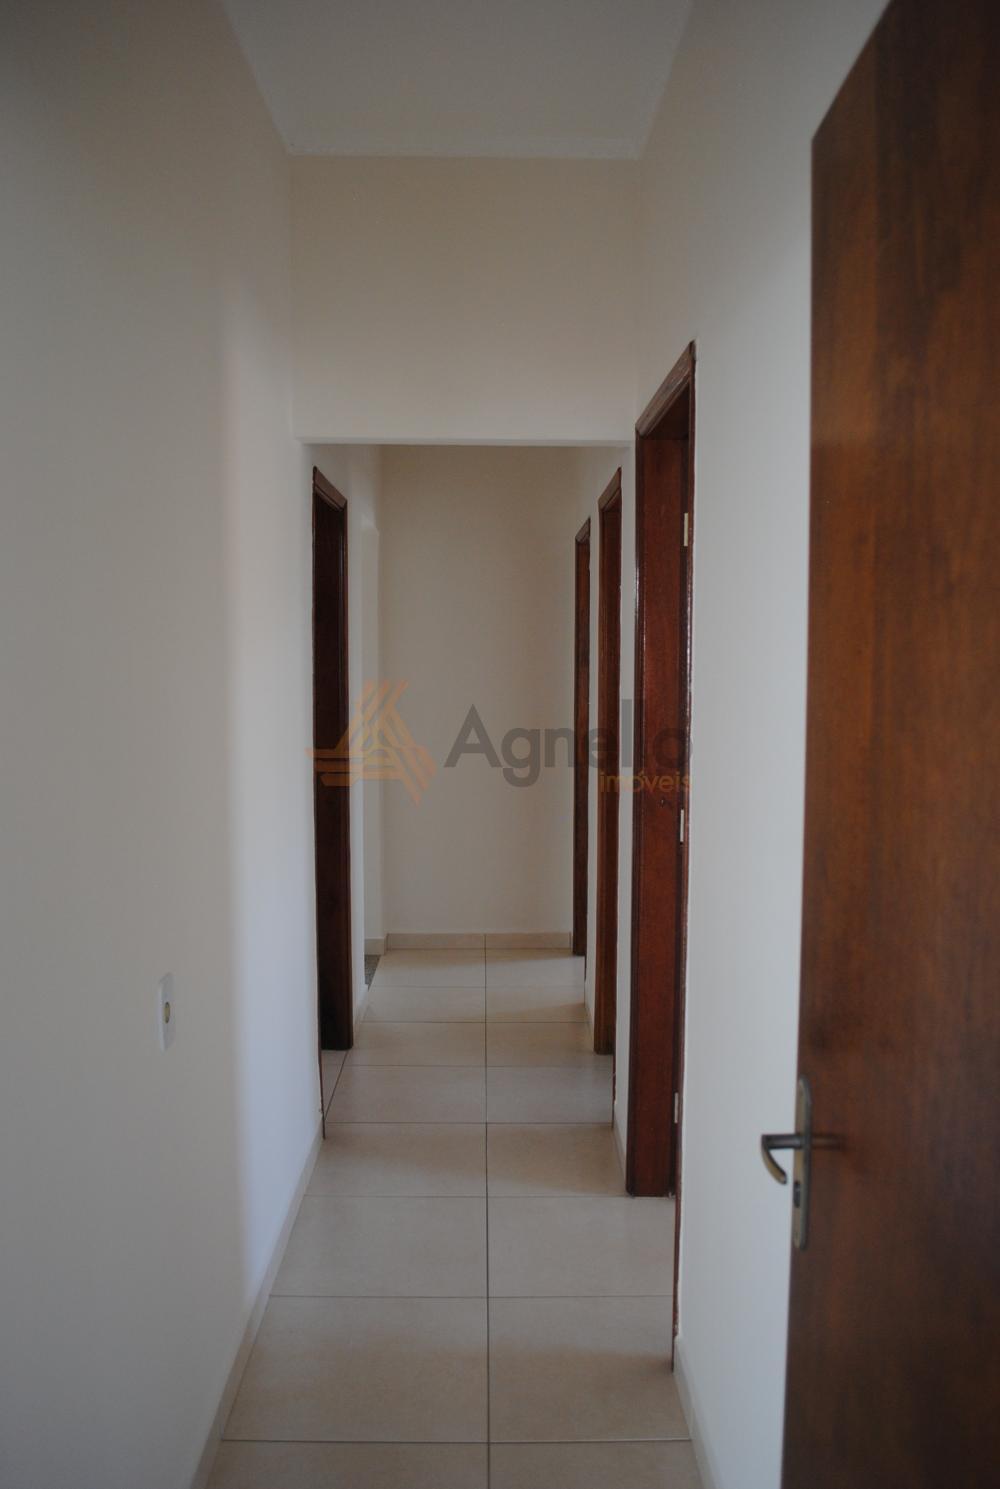 Comprar Casa / Comercial em Franca apenas R$ 420.000,00 - Foto 5